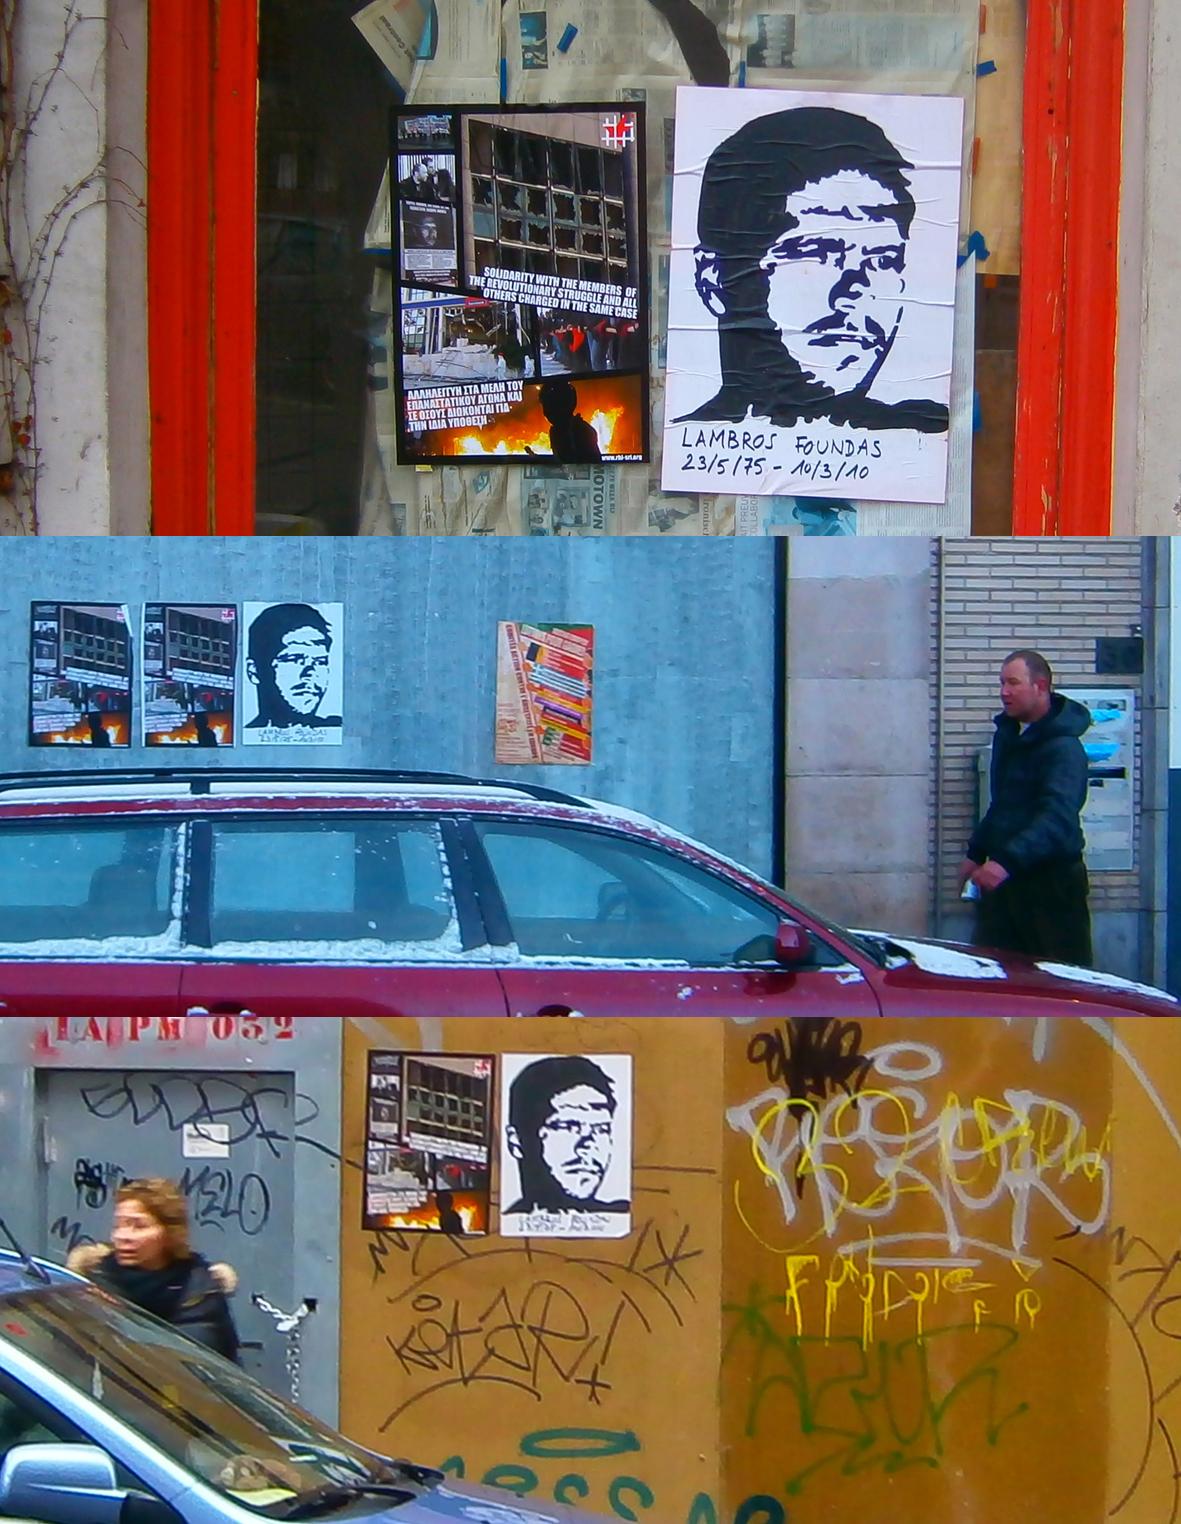 Collage pour Lambros Fountas à Bruxelles en 2013